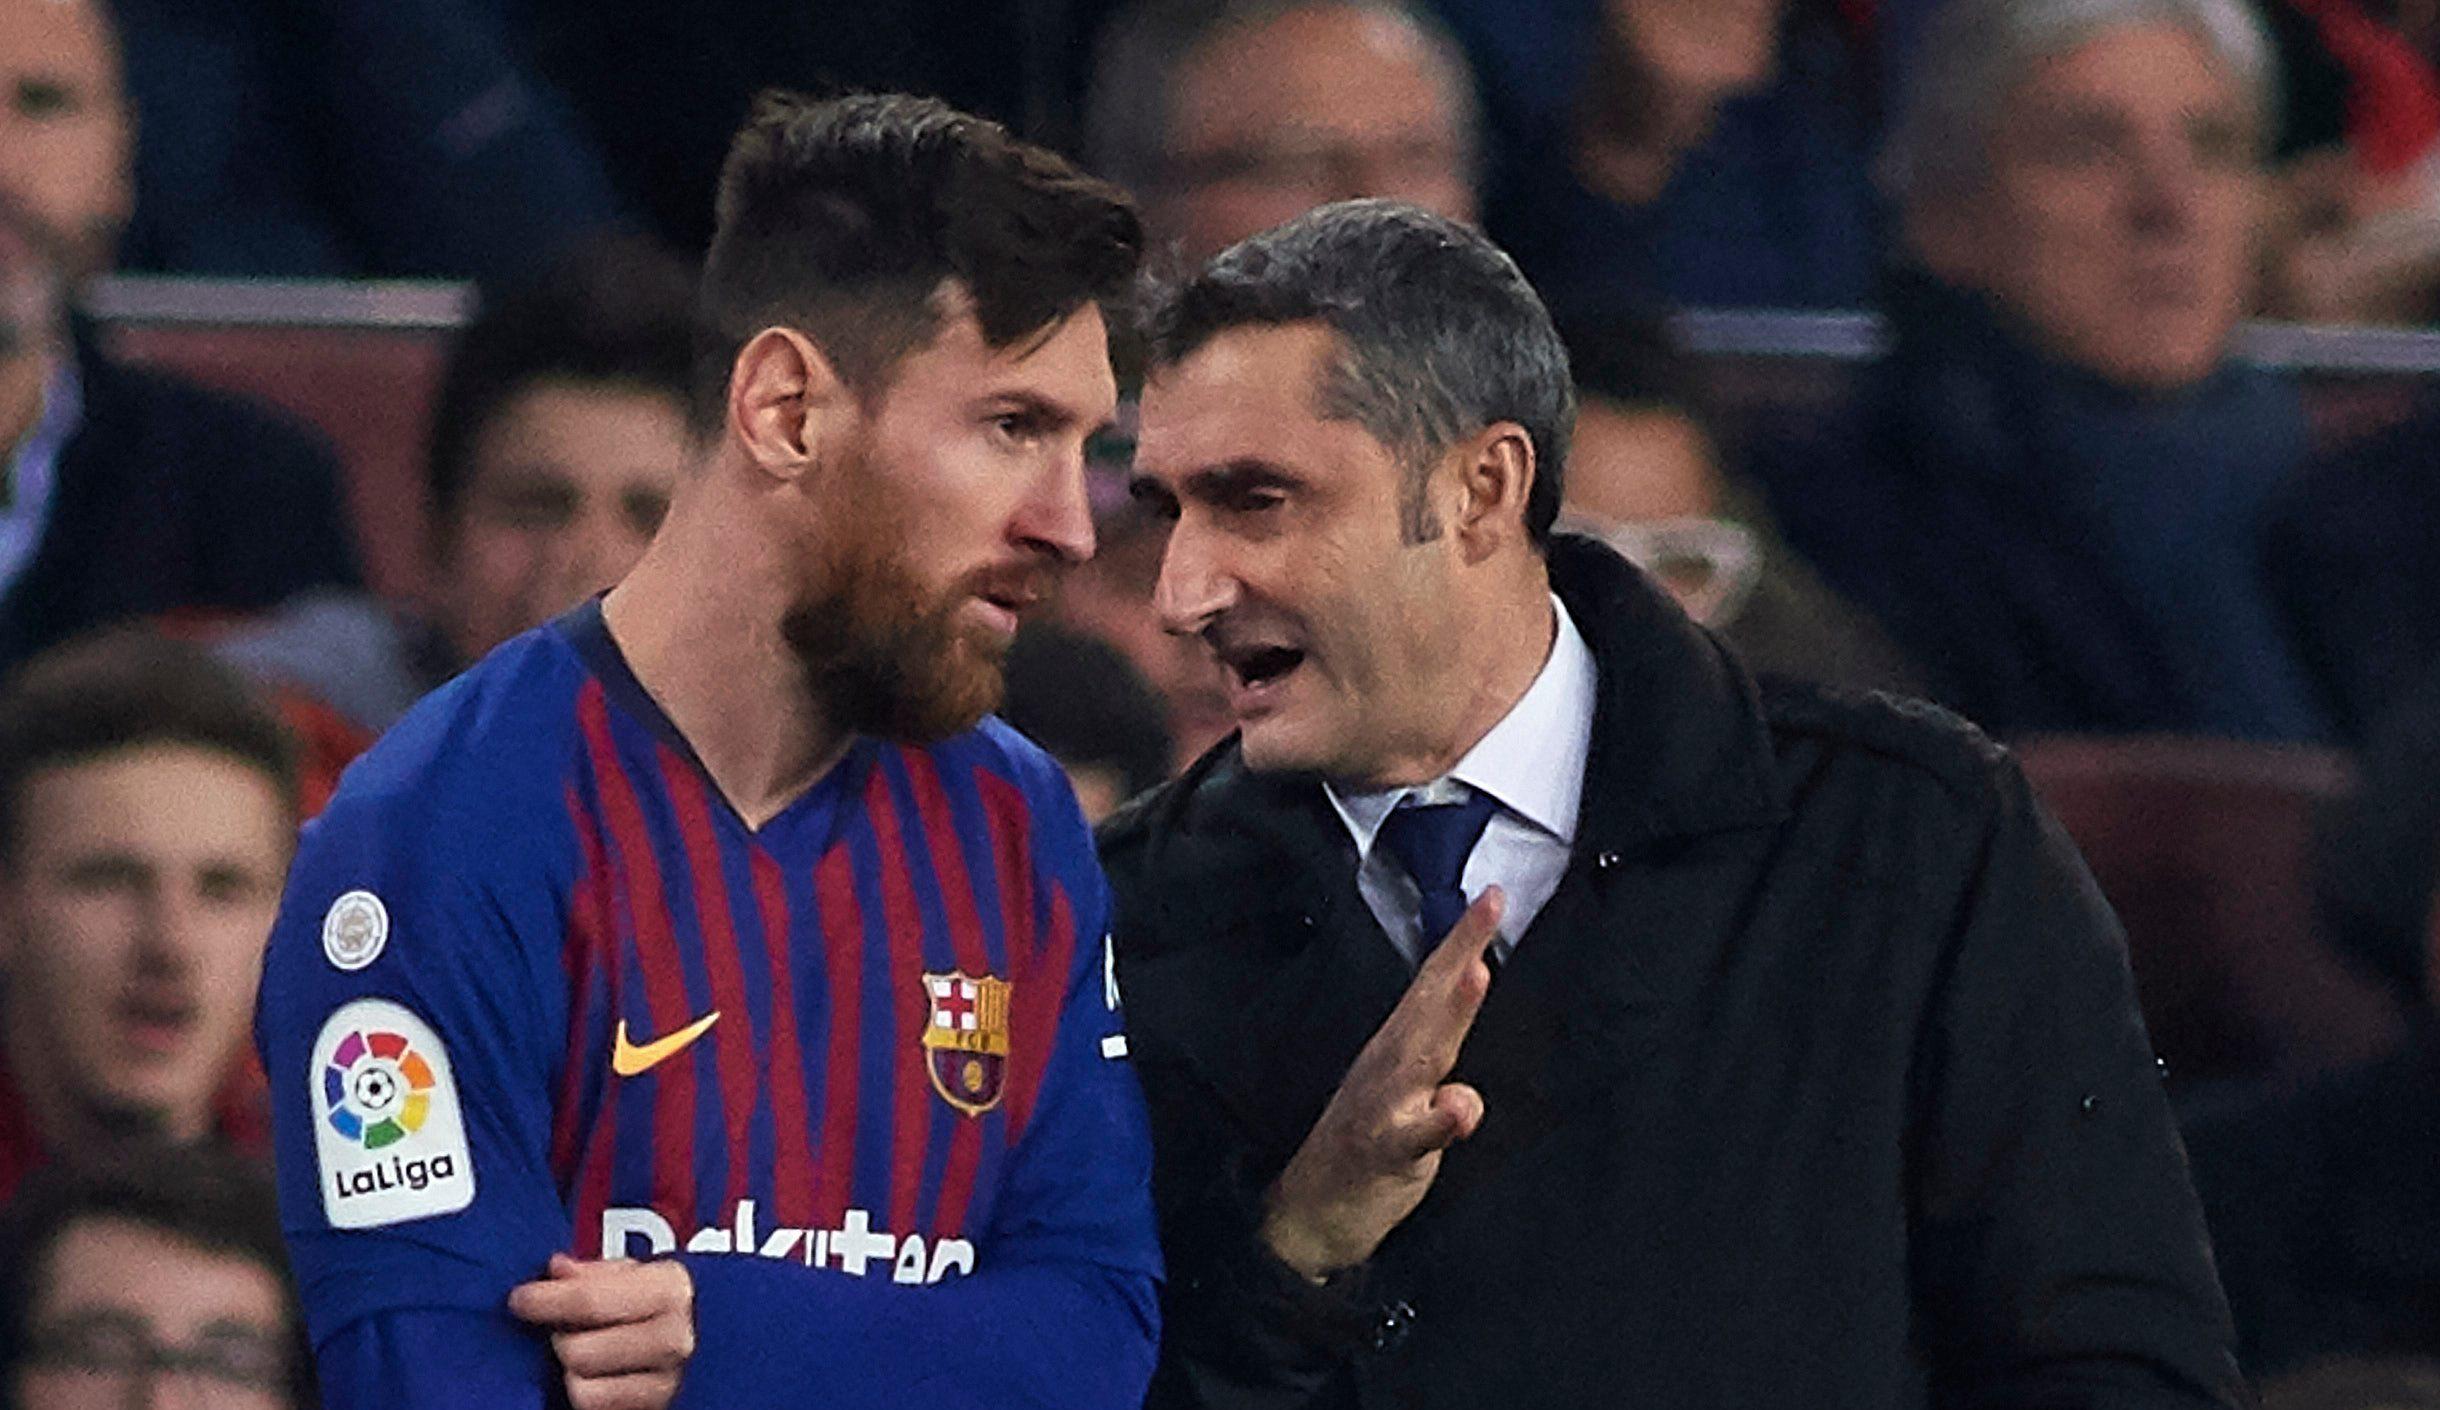 Ernesto Valverde, sërish trajner i Barcelonës